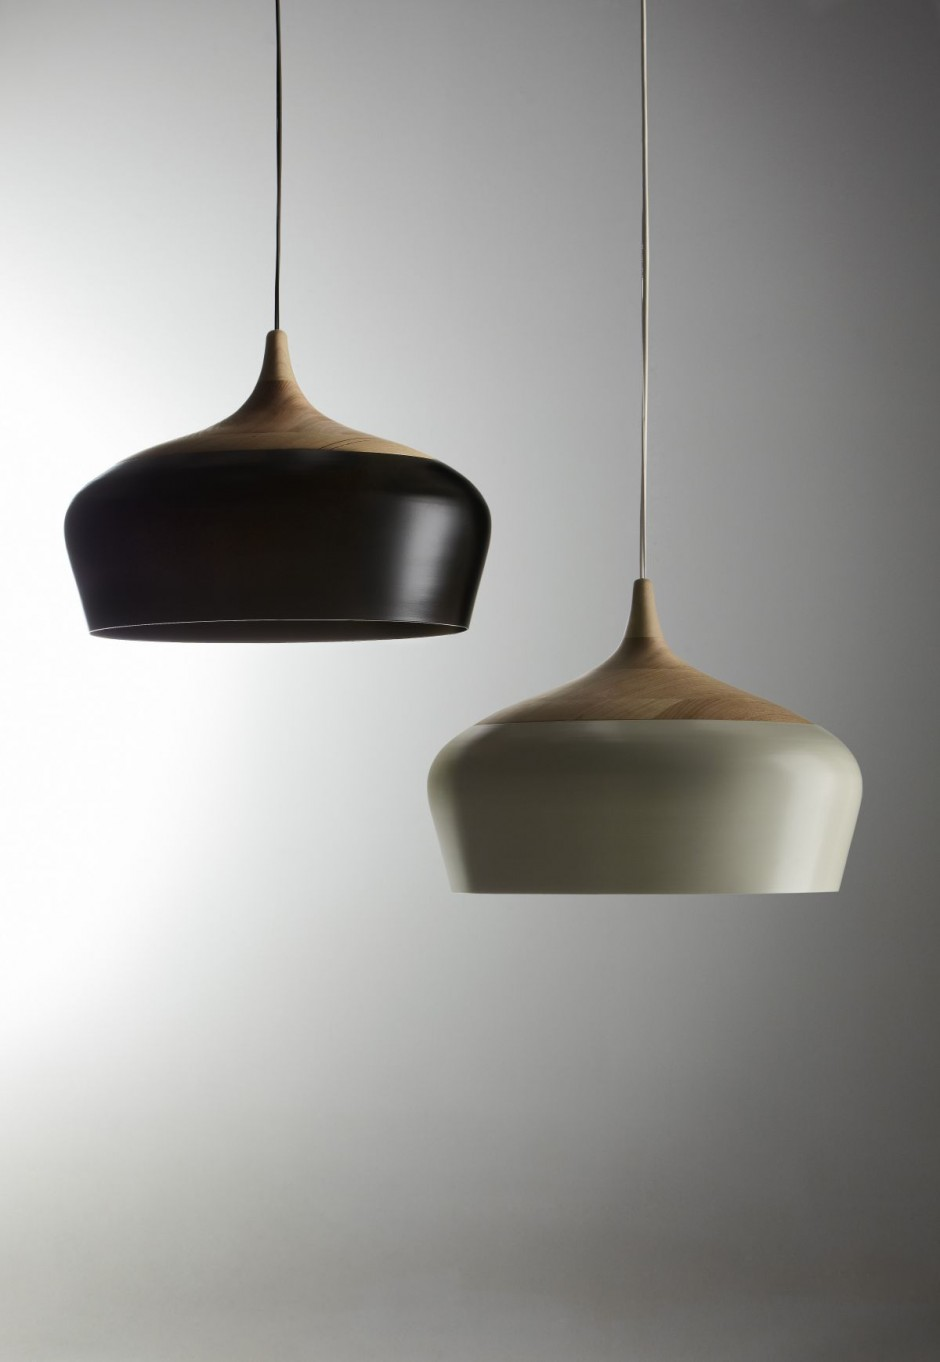 Pendant Lamps Australia Images